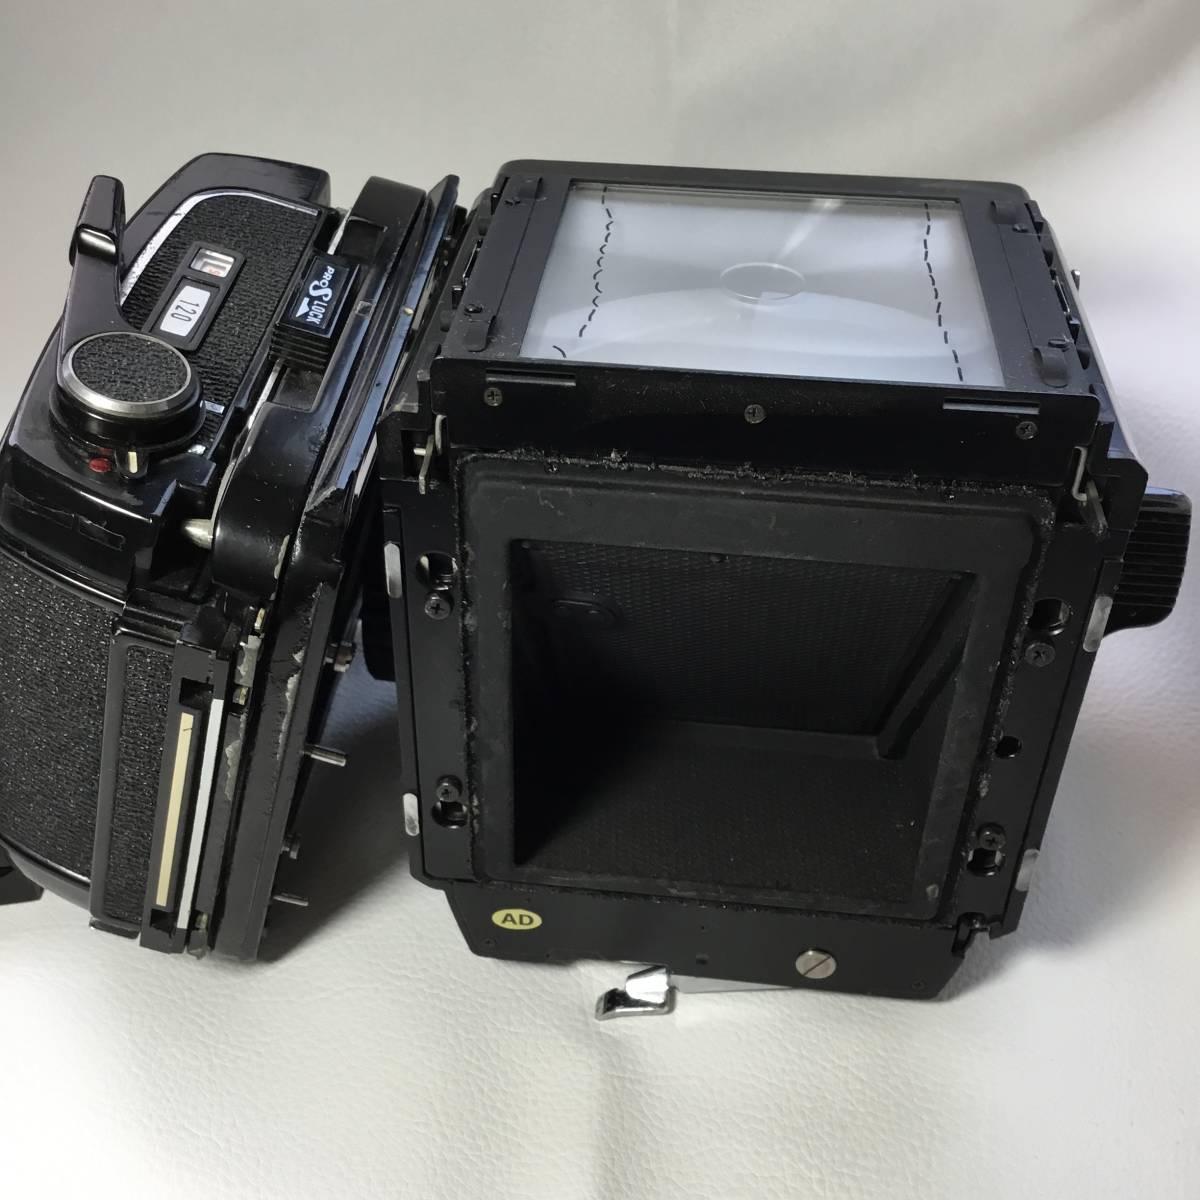 マミヤ Mamiya RB67 PROFESSIONAL S MAMIYA-SEKOR C f=65mm 中判カメラ_画像5